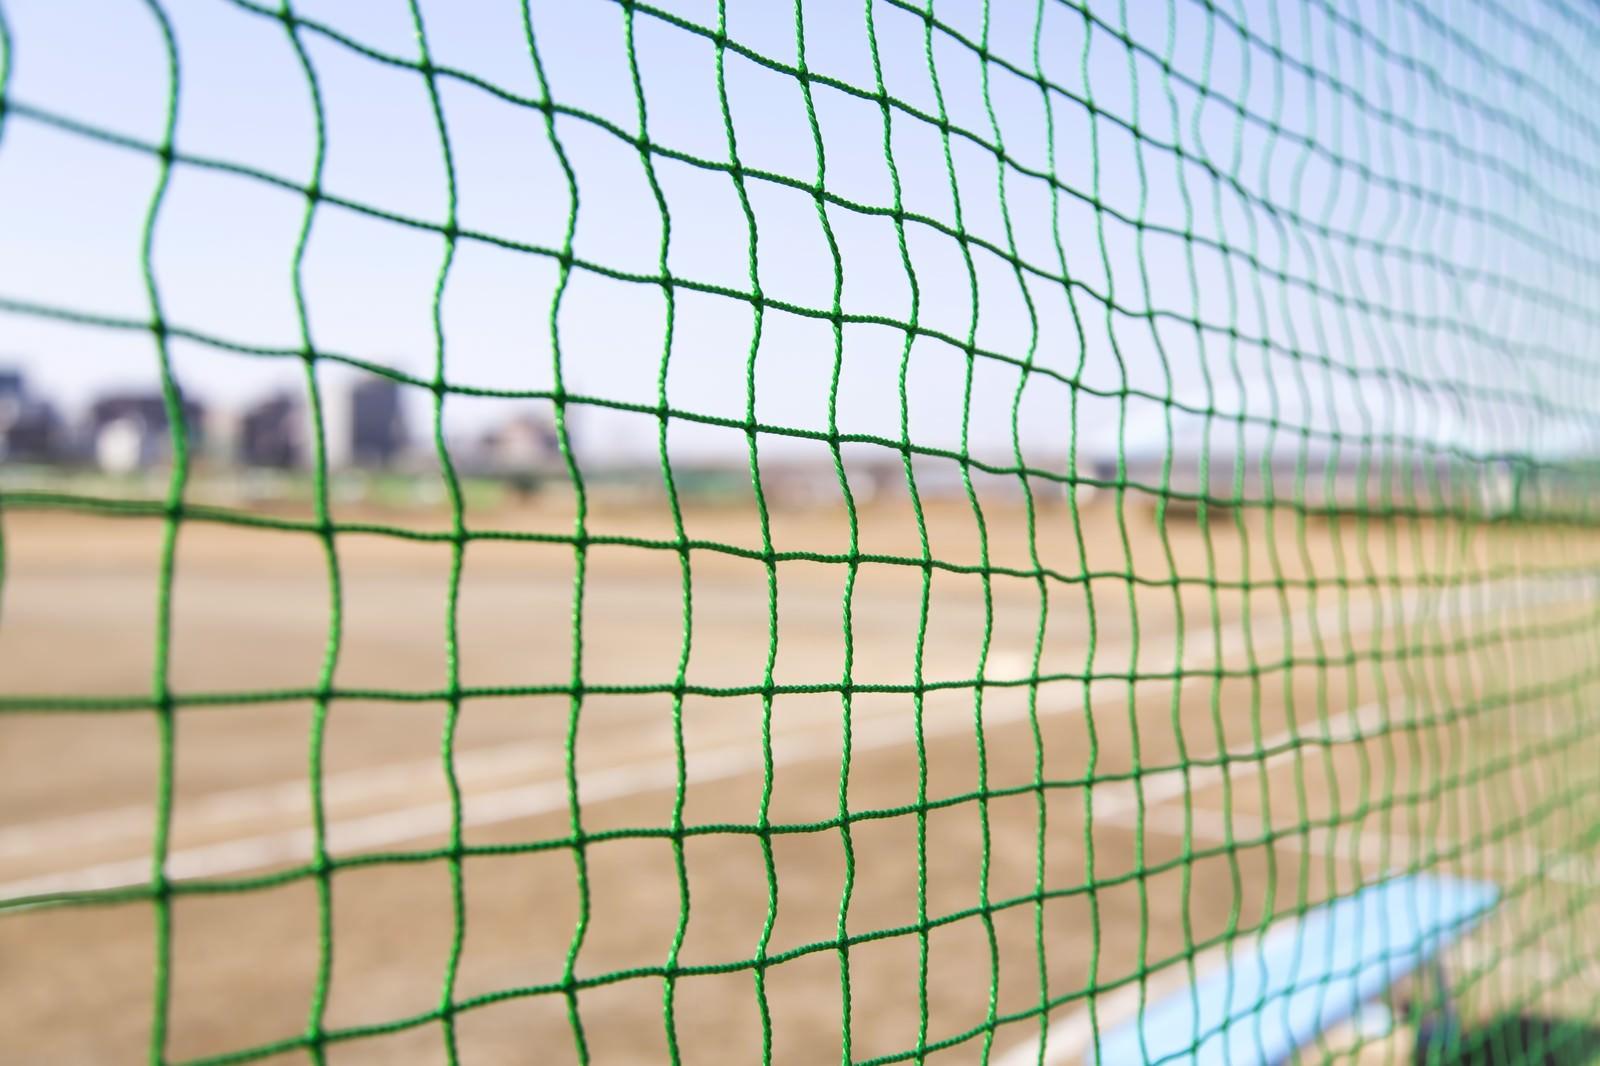 「草野球のネット裏」の写真